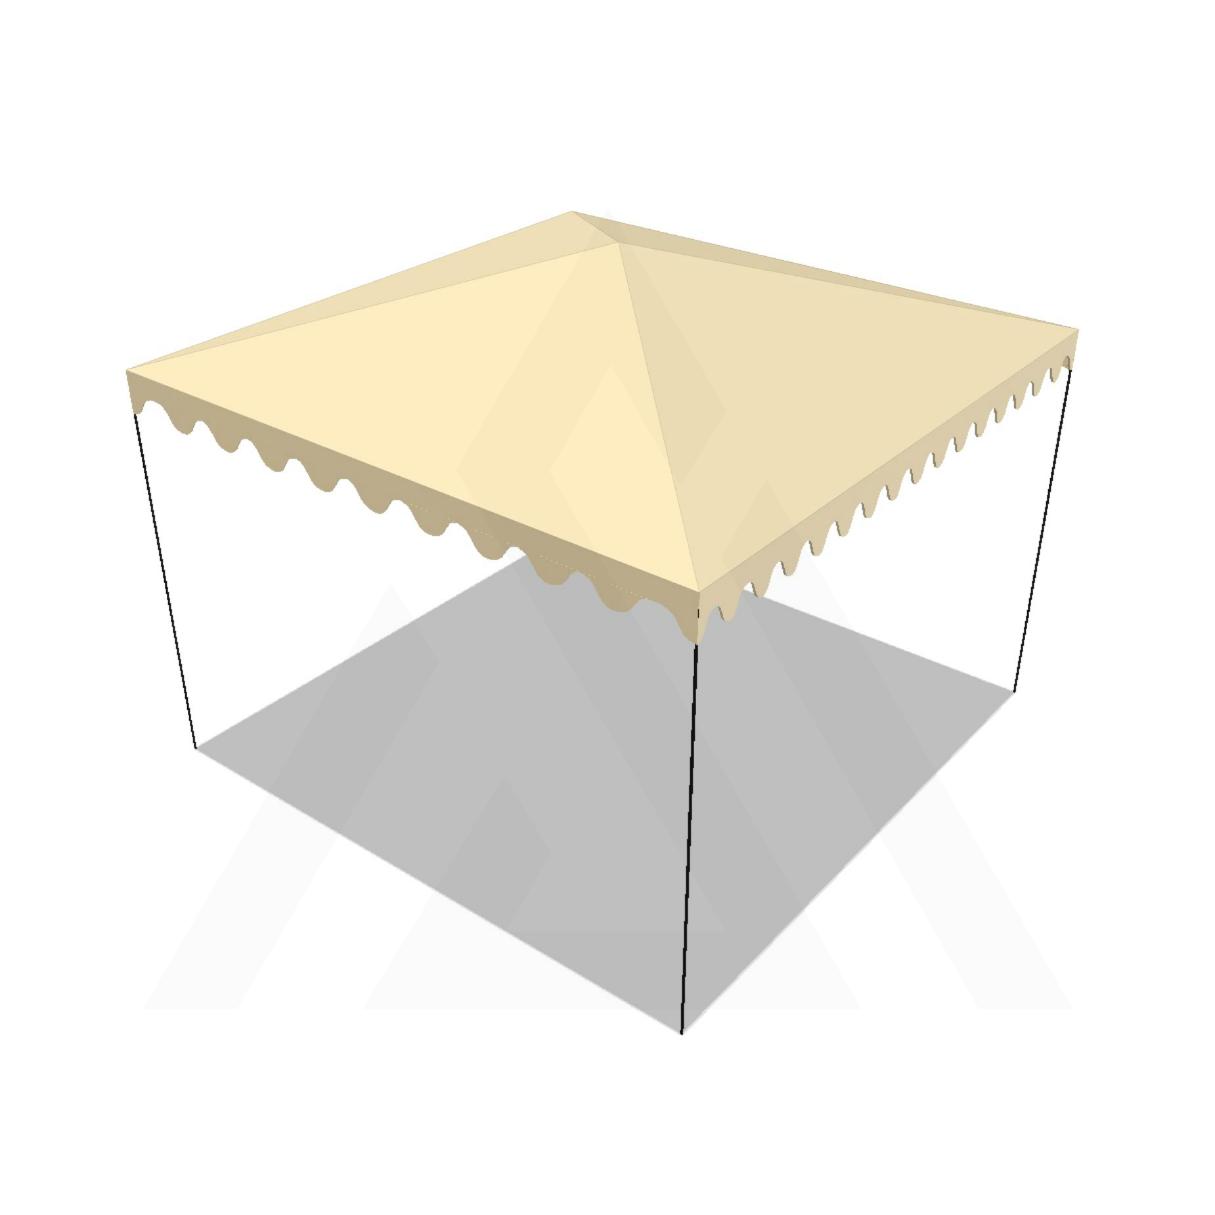 Bâche tonnelle carrée 4 pentes sans faîtage